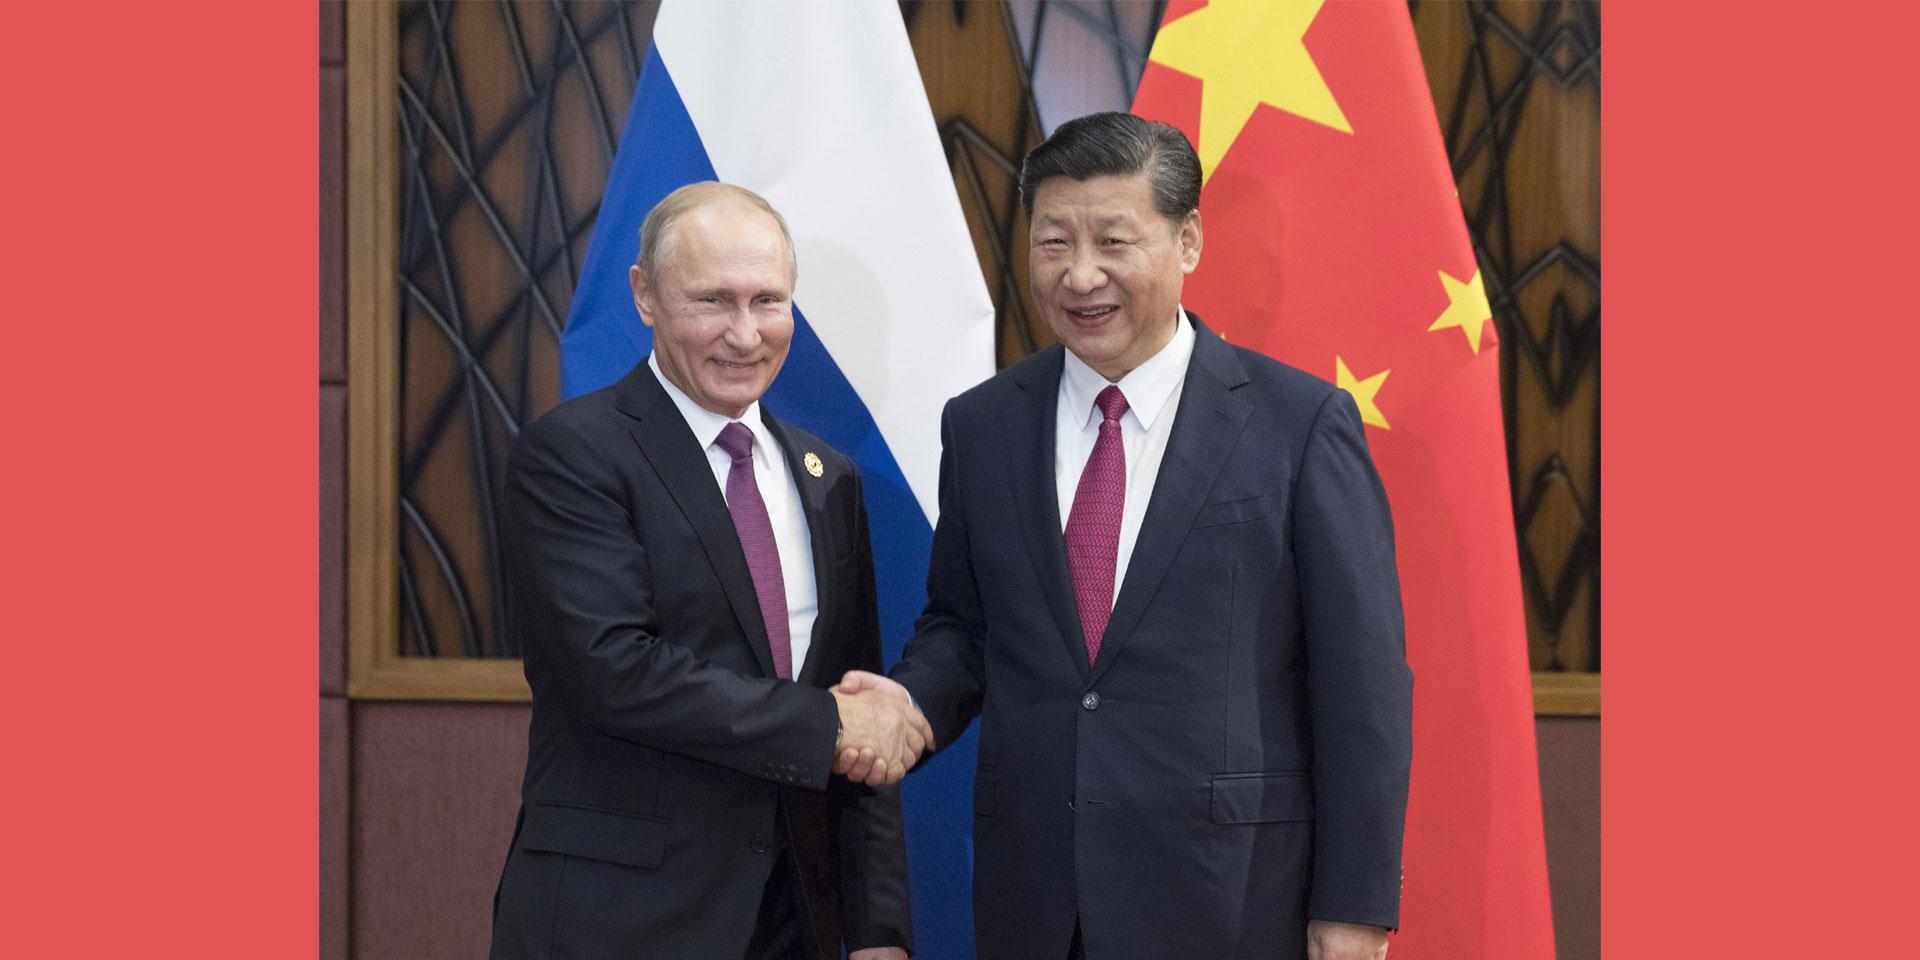 鞏固中俄世代友好的任務任重道遠,沒有休止符。